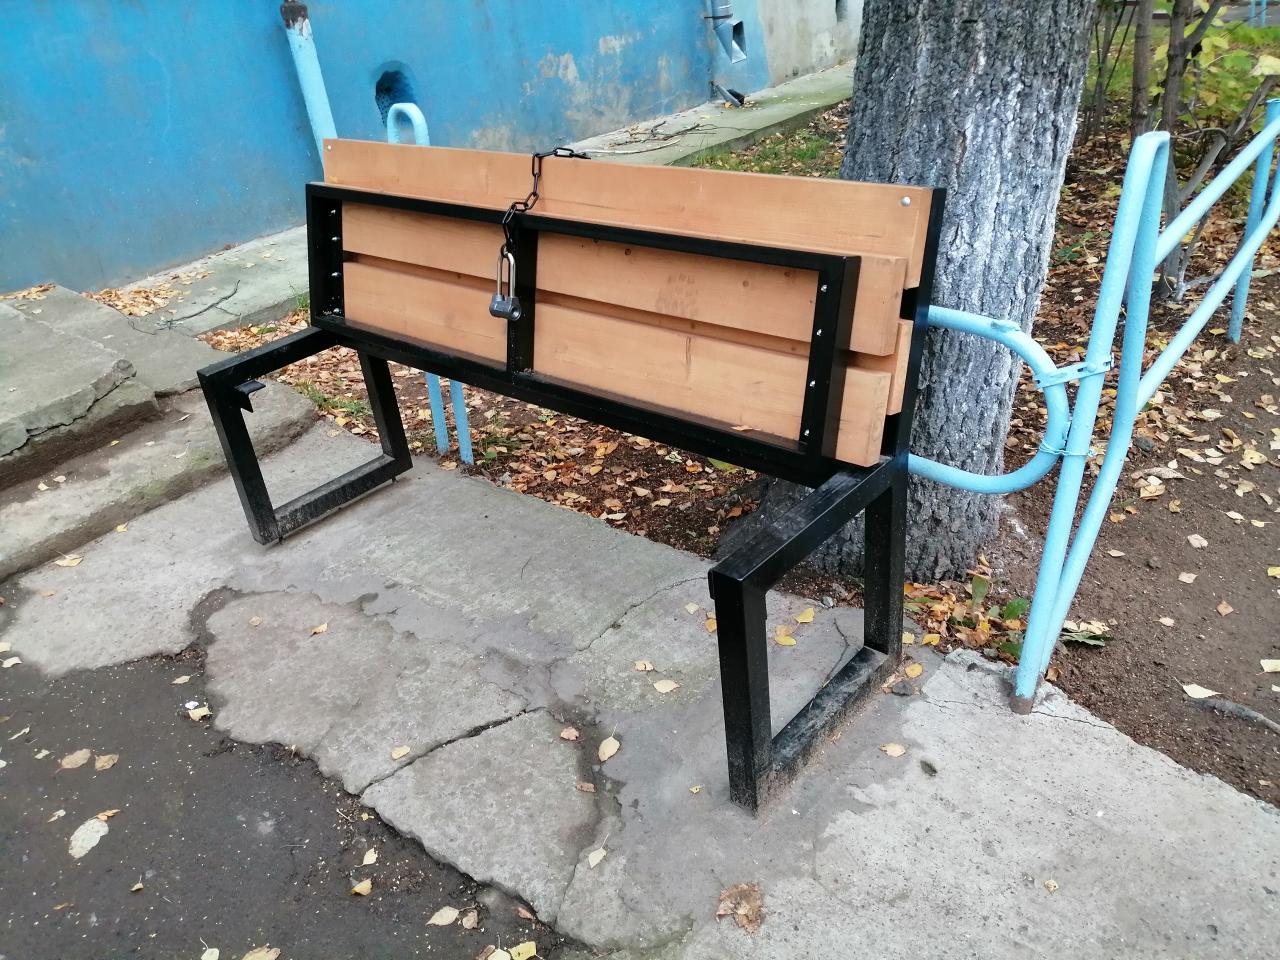 Бабули пошли на крайность, чтобы никто не сидел на любимой скамейке (3 фото)